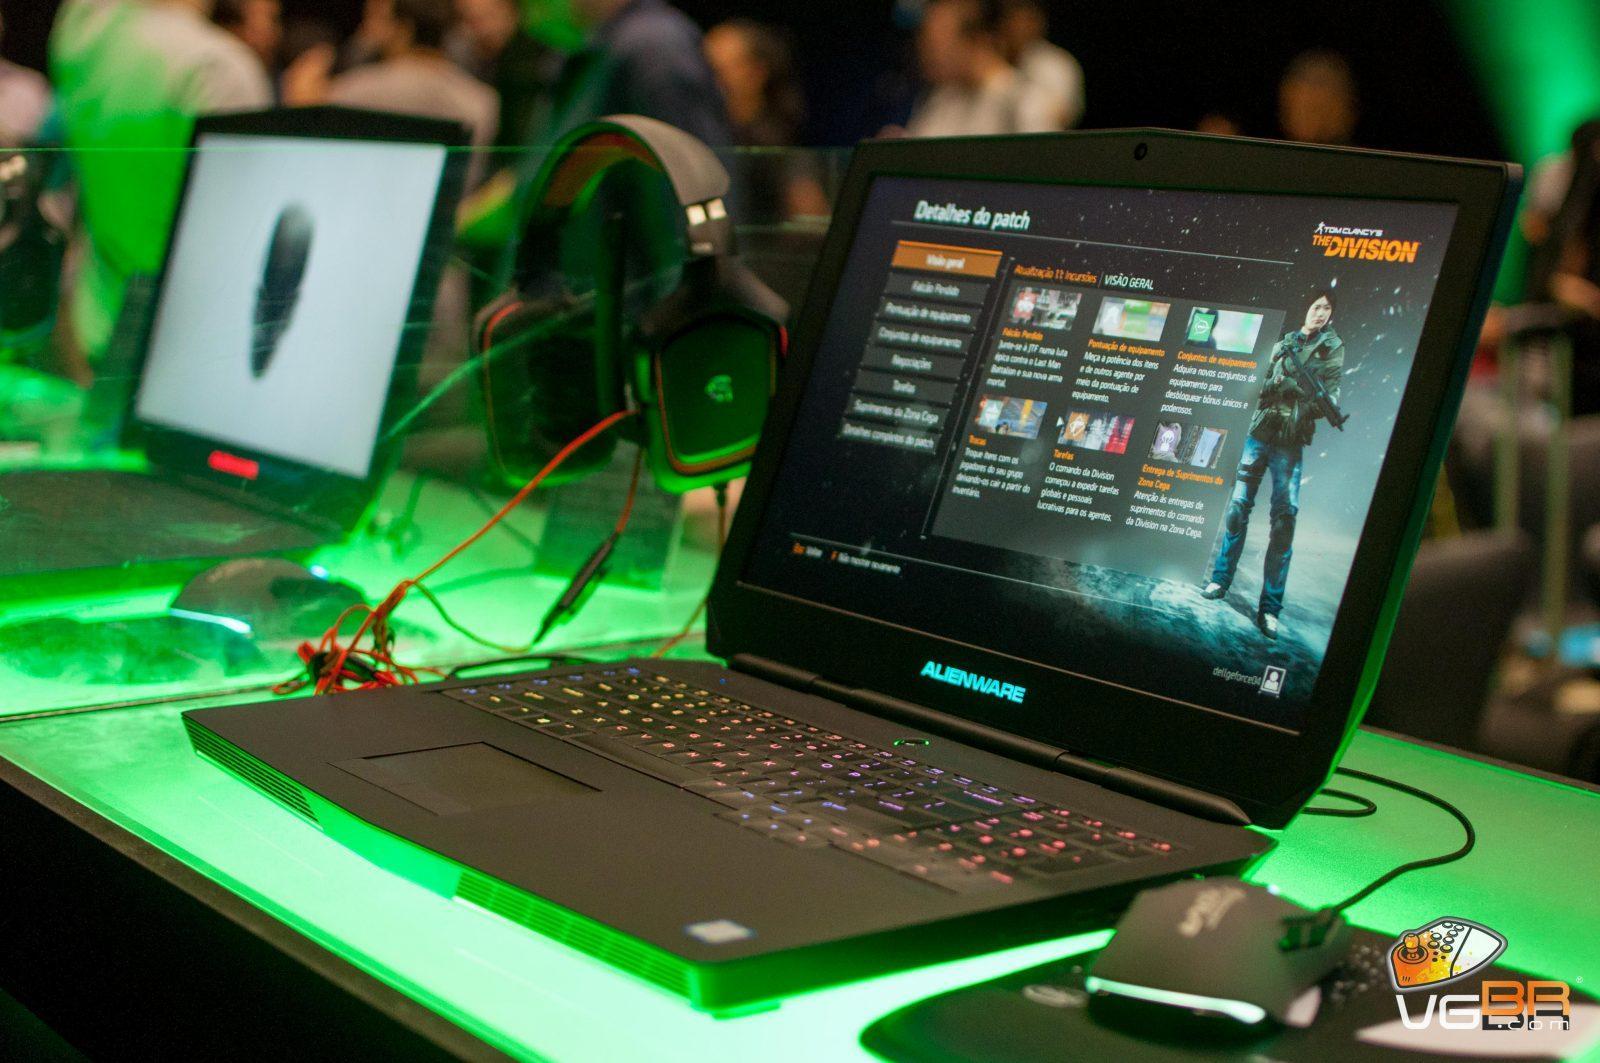 Alienware-3